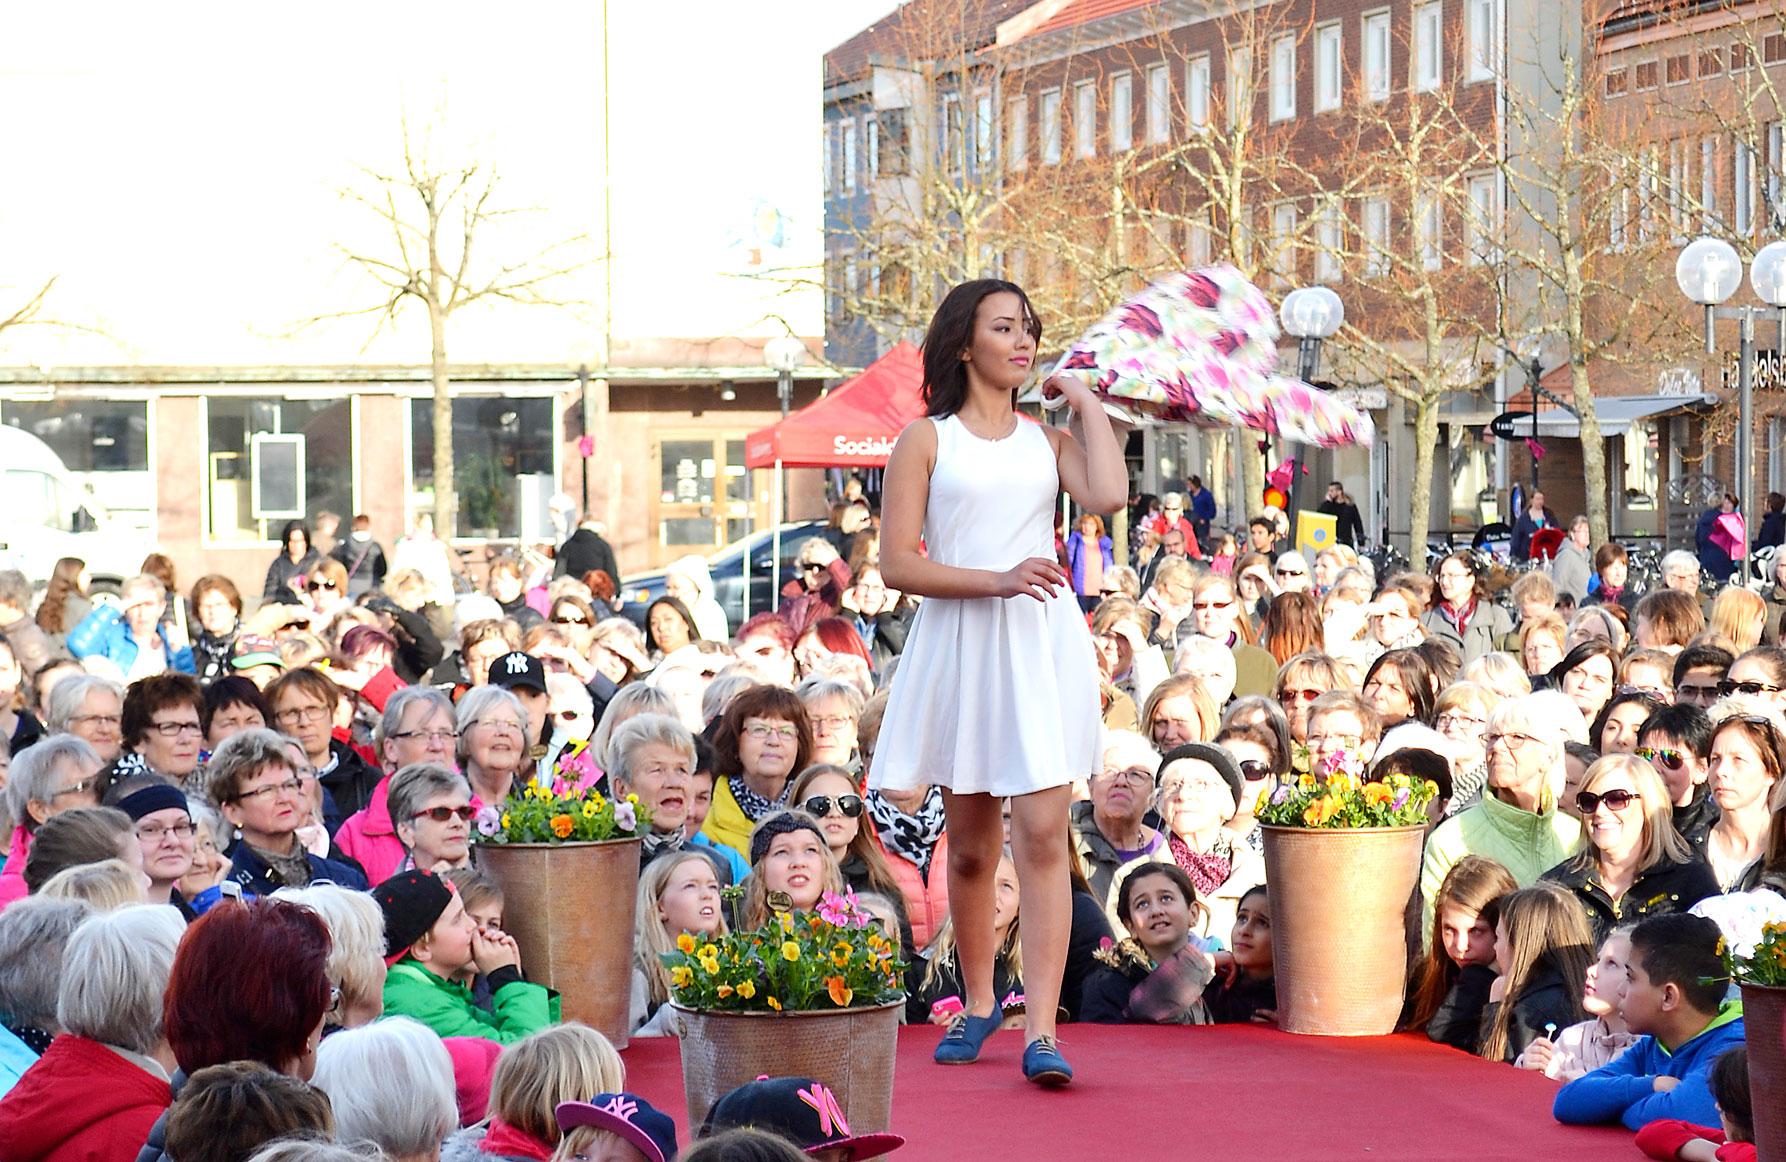 Nu laddar vi för tjejkväll i Nybro den 6 april med happenings, fina erbjudanden, god mat, trevlig musik och STOR modevisning på torget.